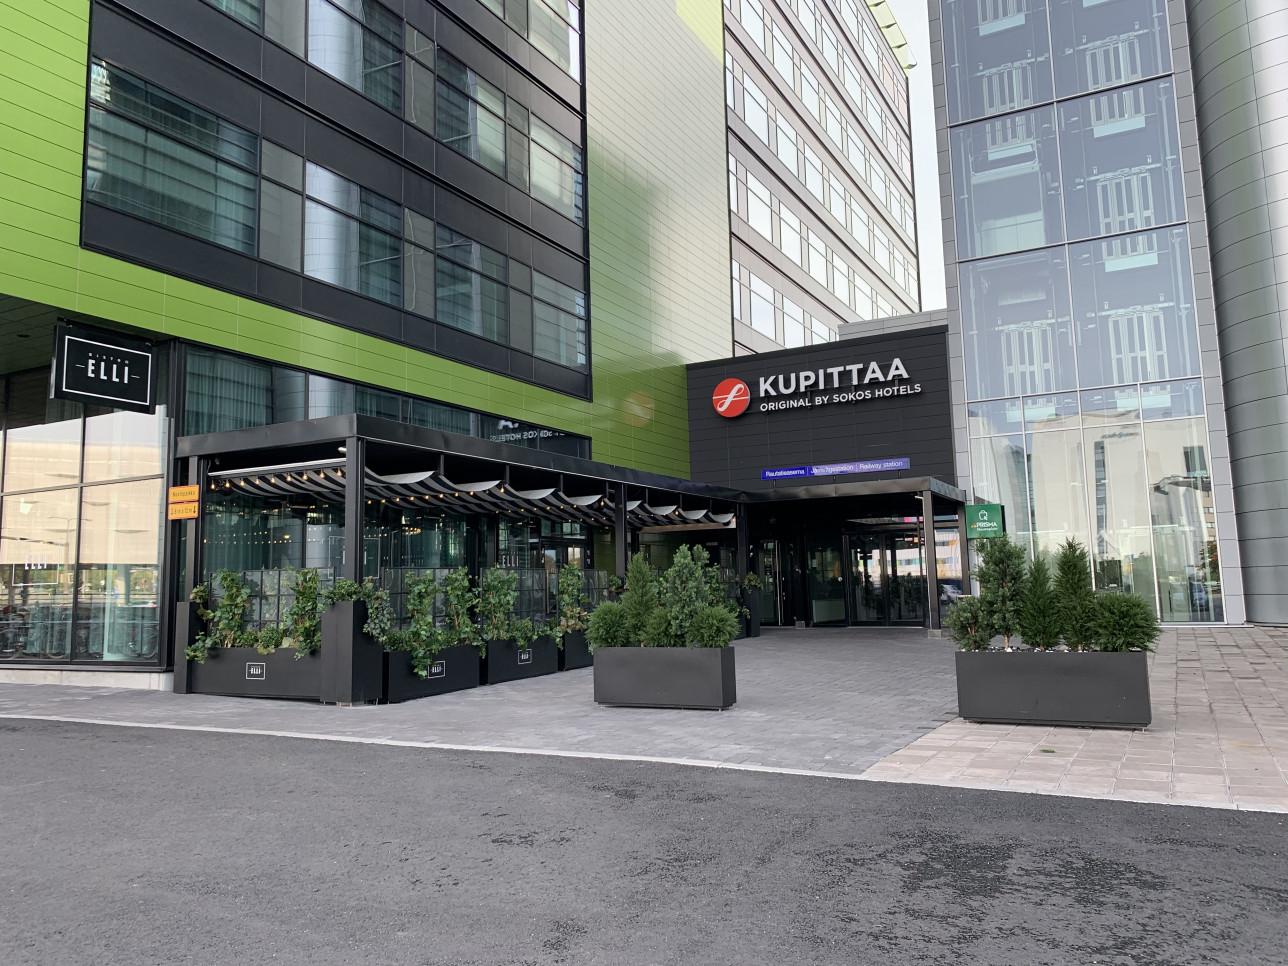 Original Sokos Hotel Kupitaan sisäänkäynti.